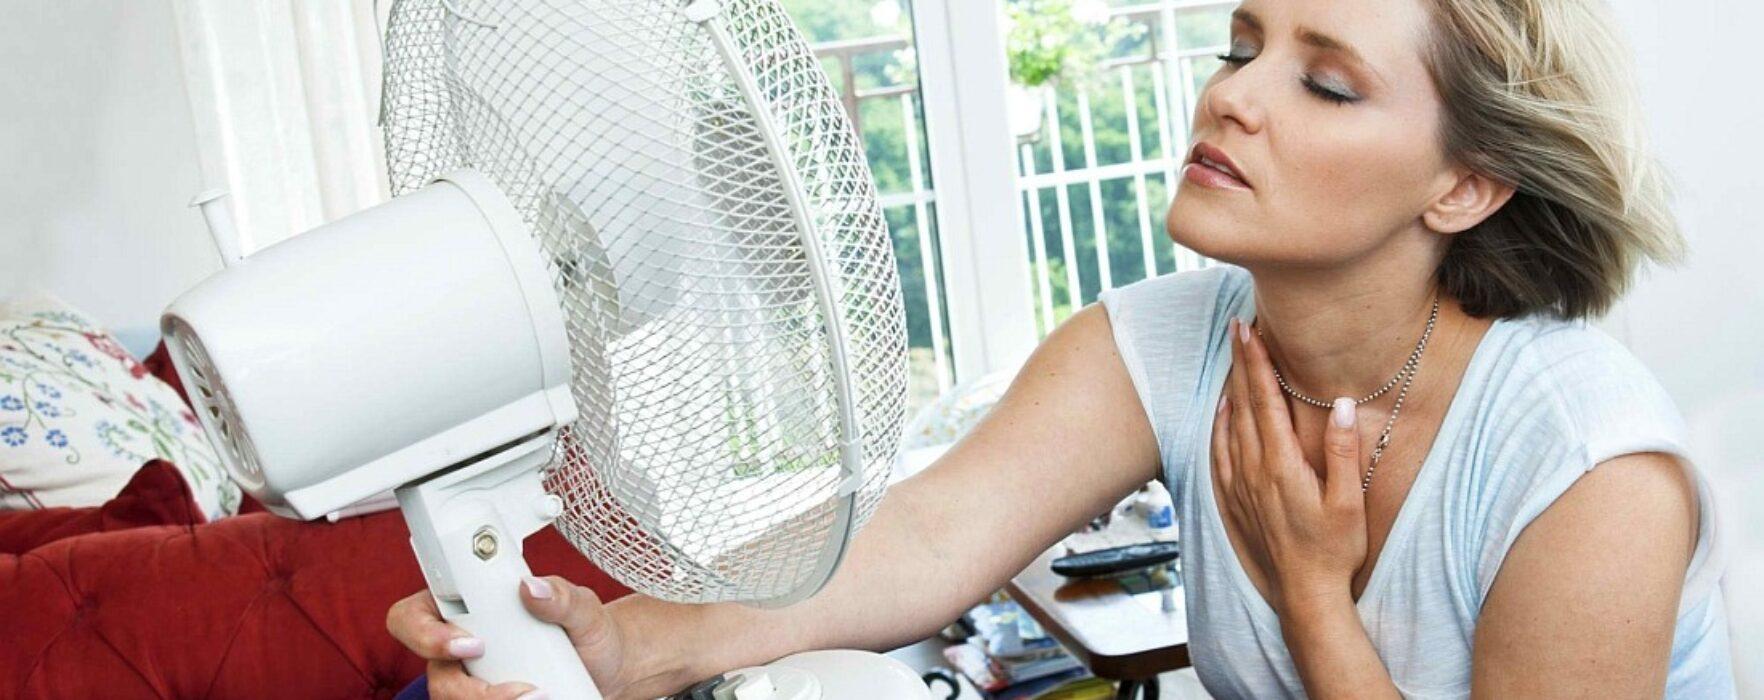 ANM: Informare de caniculă și disconfort termic în următoarele trei zile